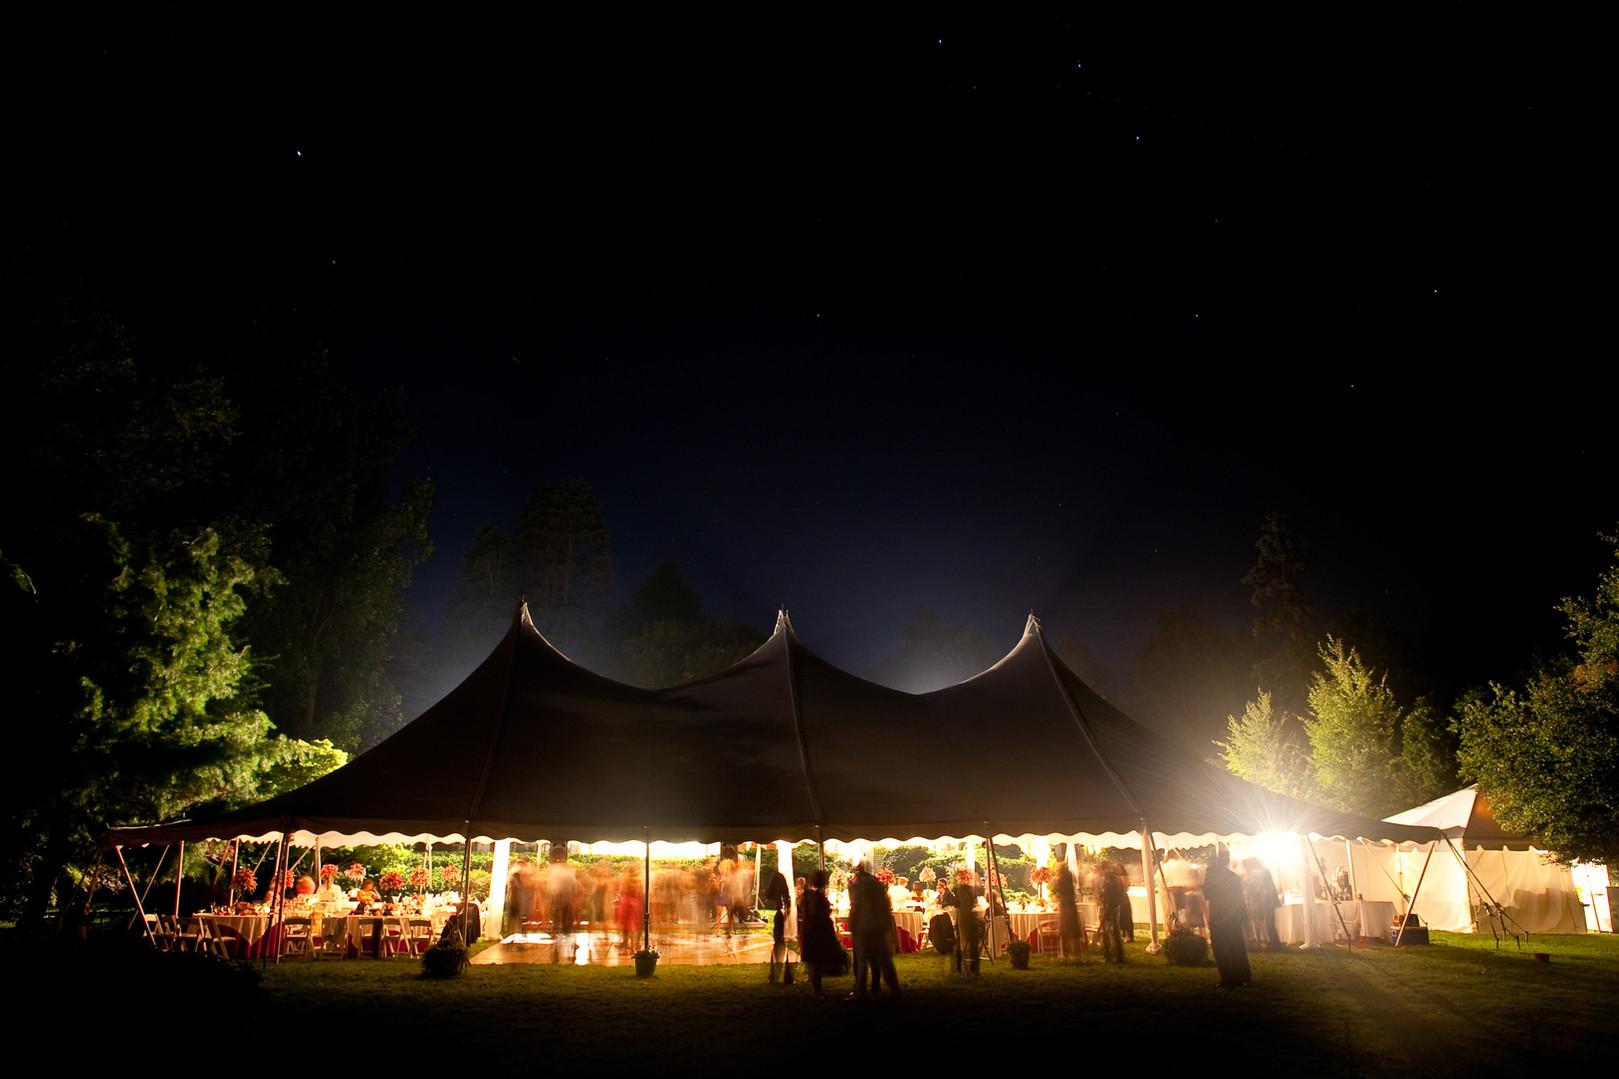 Nacht-Ereignis